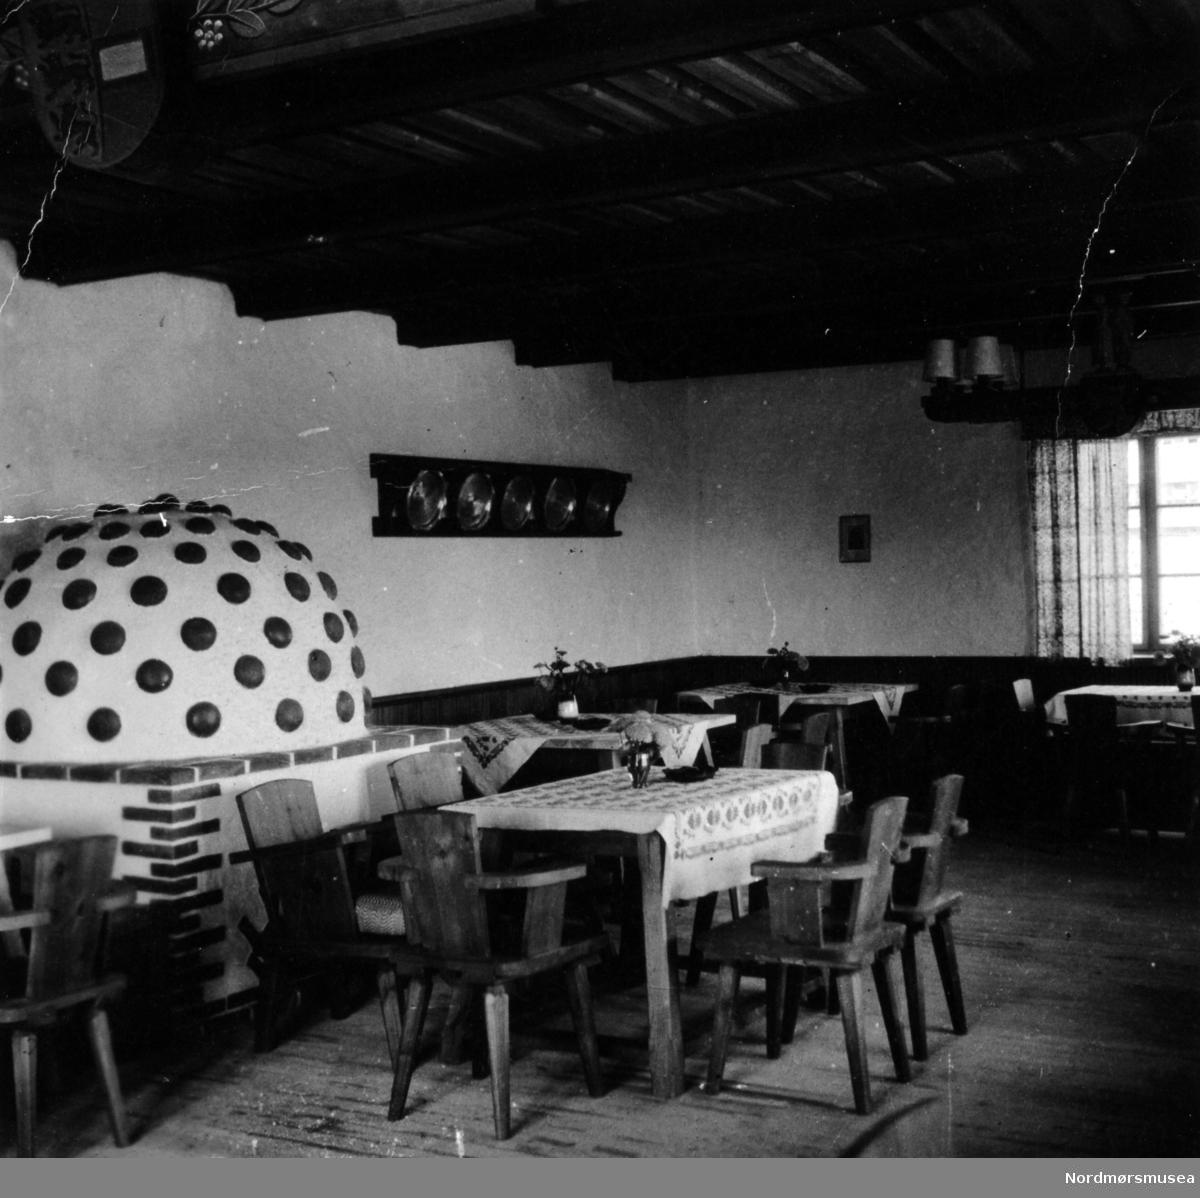 Foto fra en kantine, eller et større stuelokale med peis. Fotoet er fra firmaarkivet til en som var aktiv nazist under andre verdenskrig. Datering er fra perioden 1940 til 1945, og kan være fra 1942 basert på datering av et annet bilde i samme serie. Fra Nordmøre Museums fotosamlinger.